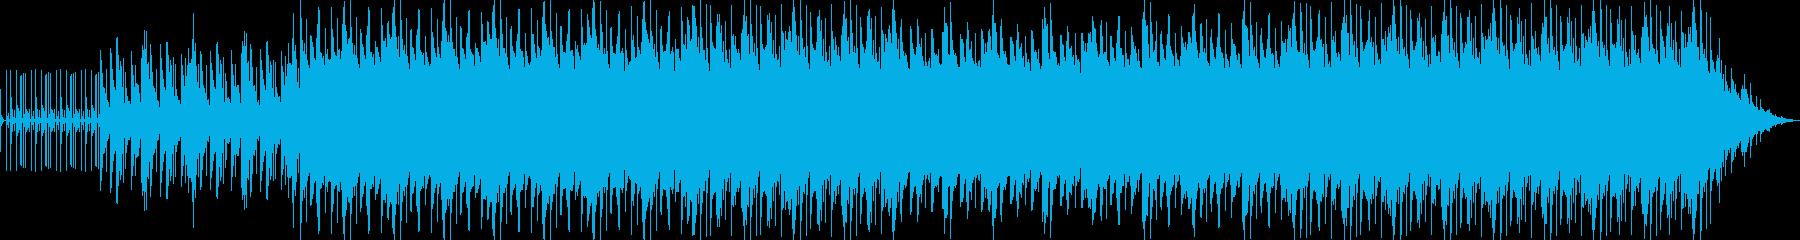 粛々と進むビートとピアノの残響の再生済みの波形